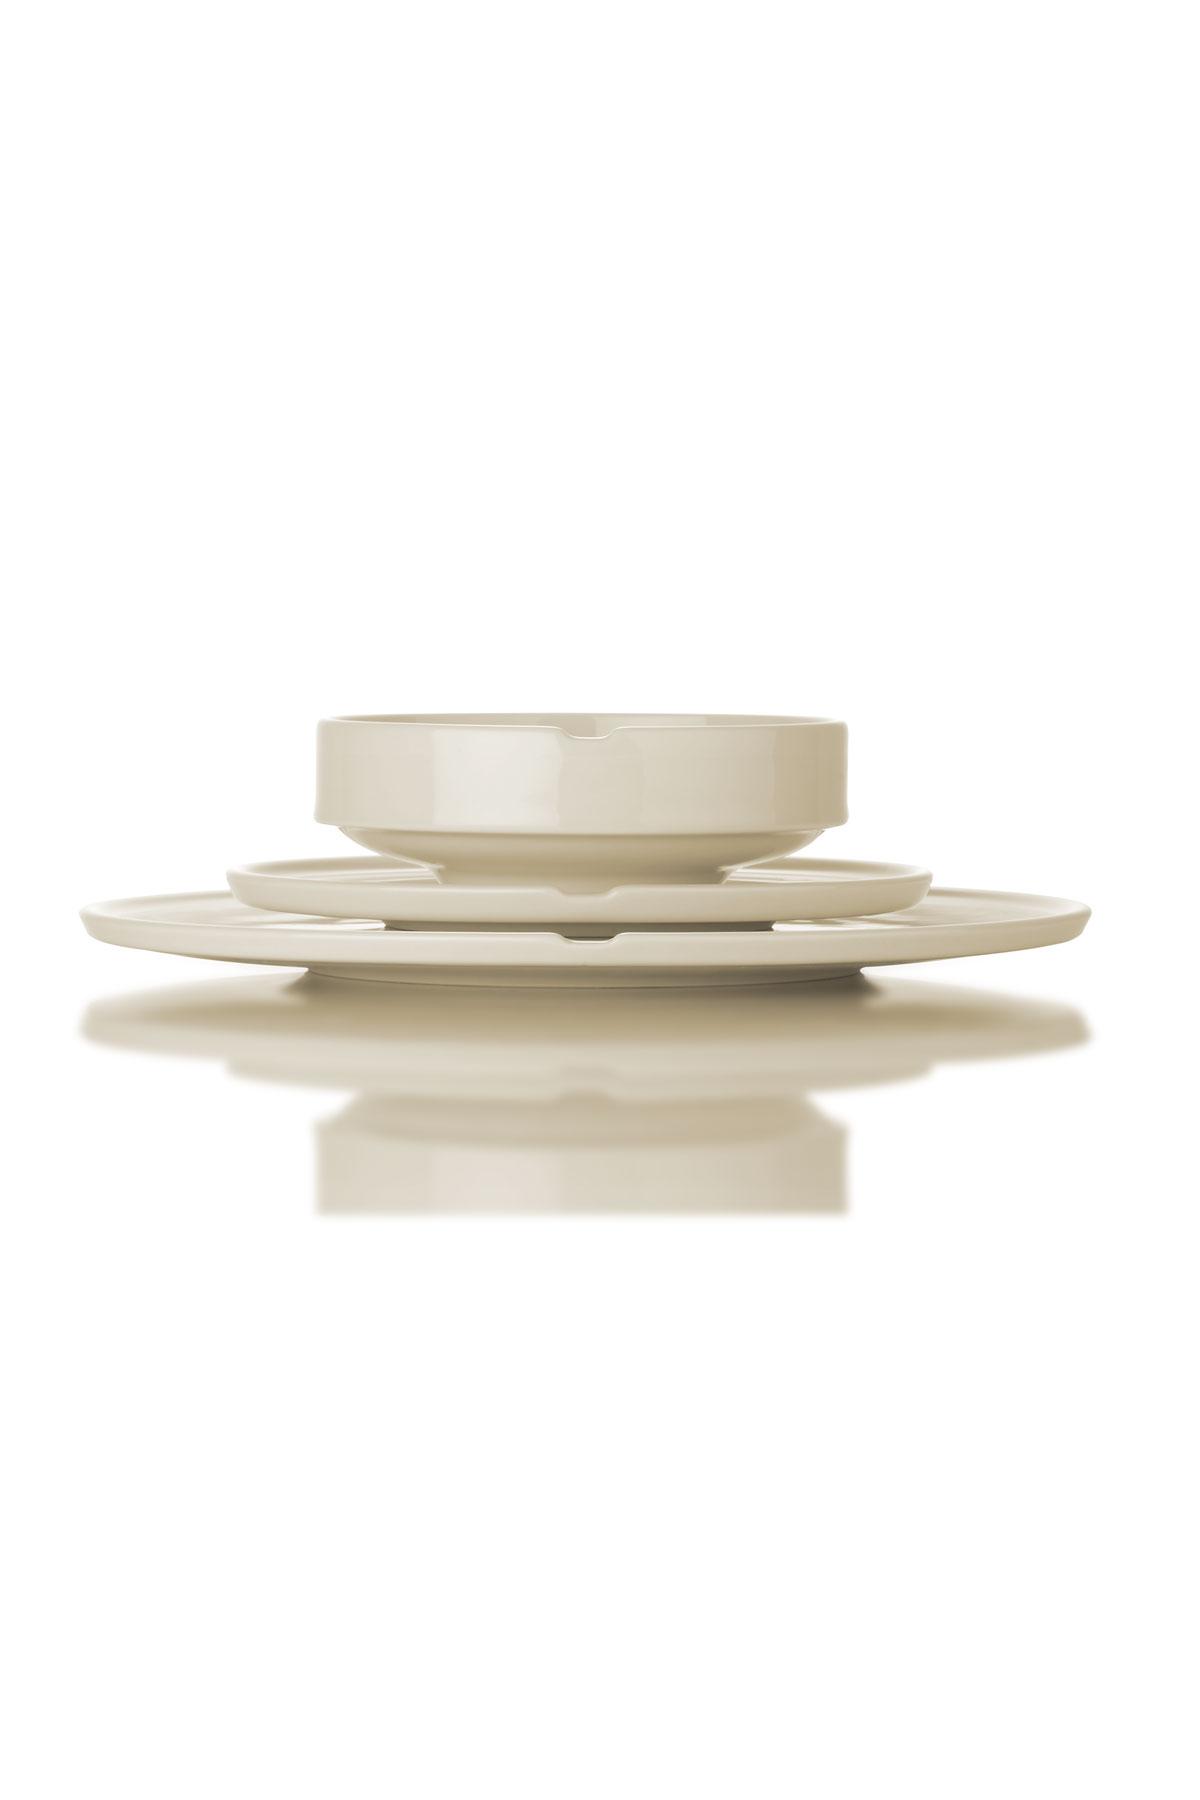 Kütahya Porselen Chef Taste Of 20 cm Çukur Tabak Krem